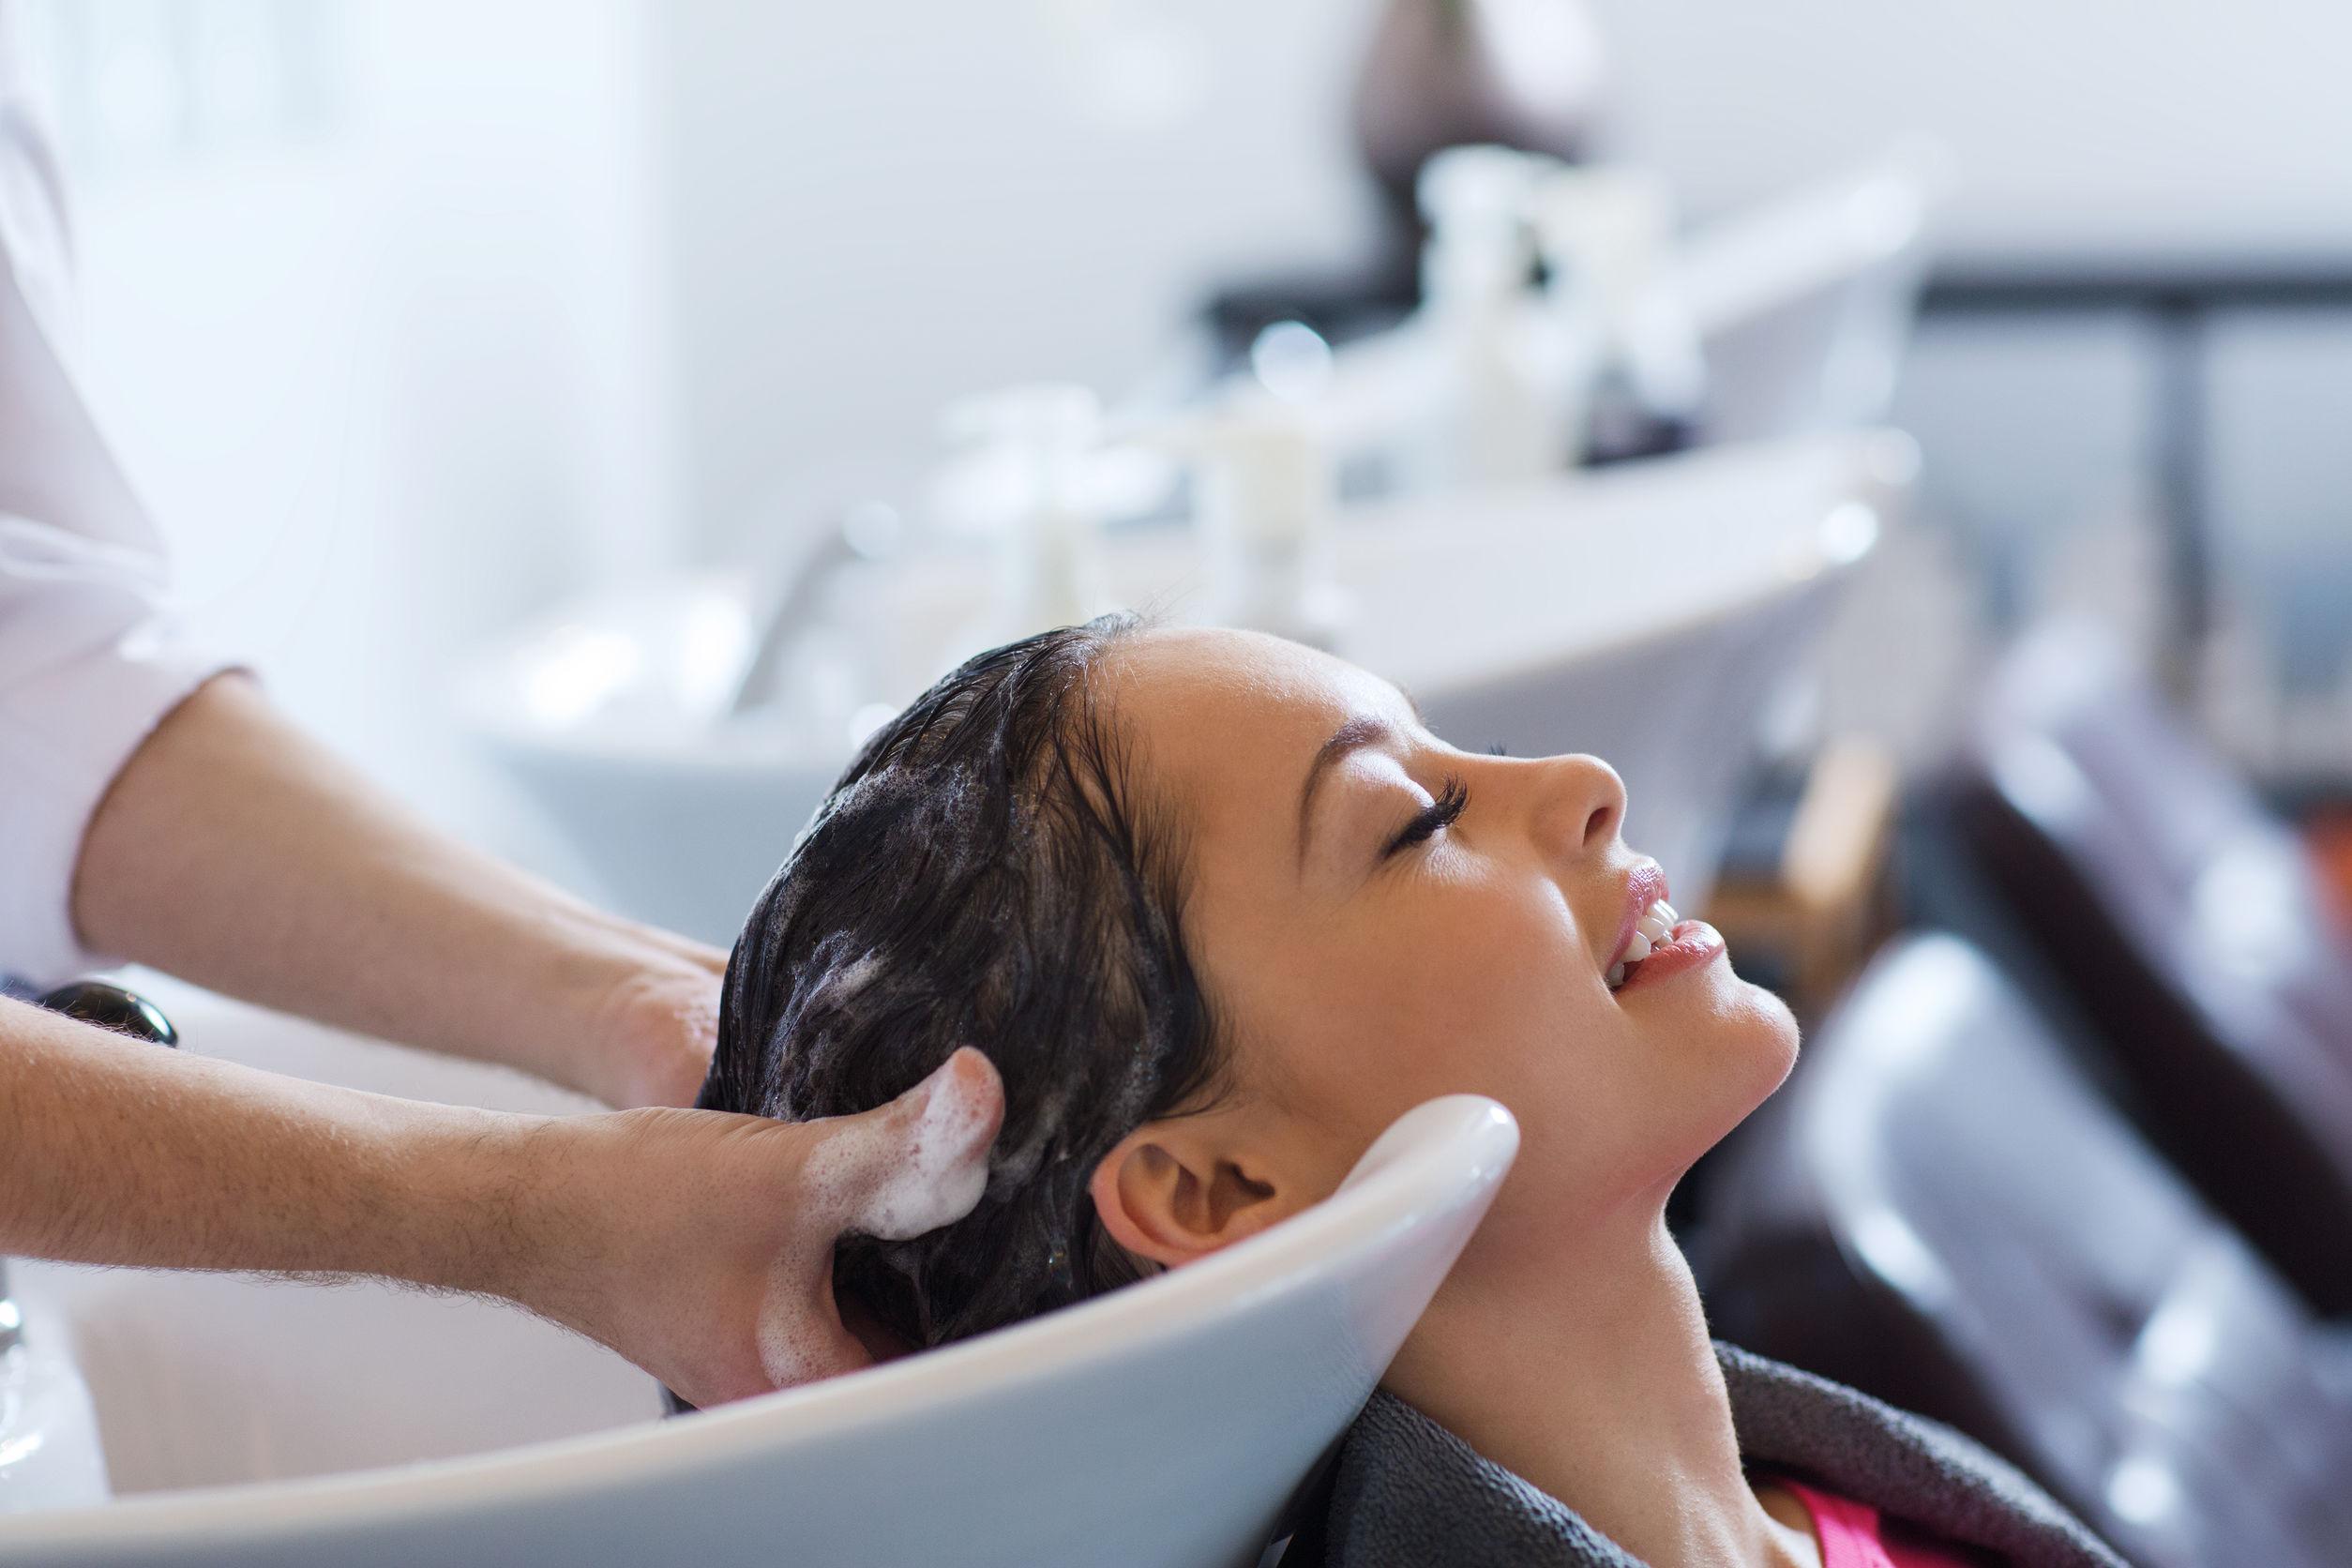 Miglior shampoo 2020: Guida all'acquisto